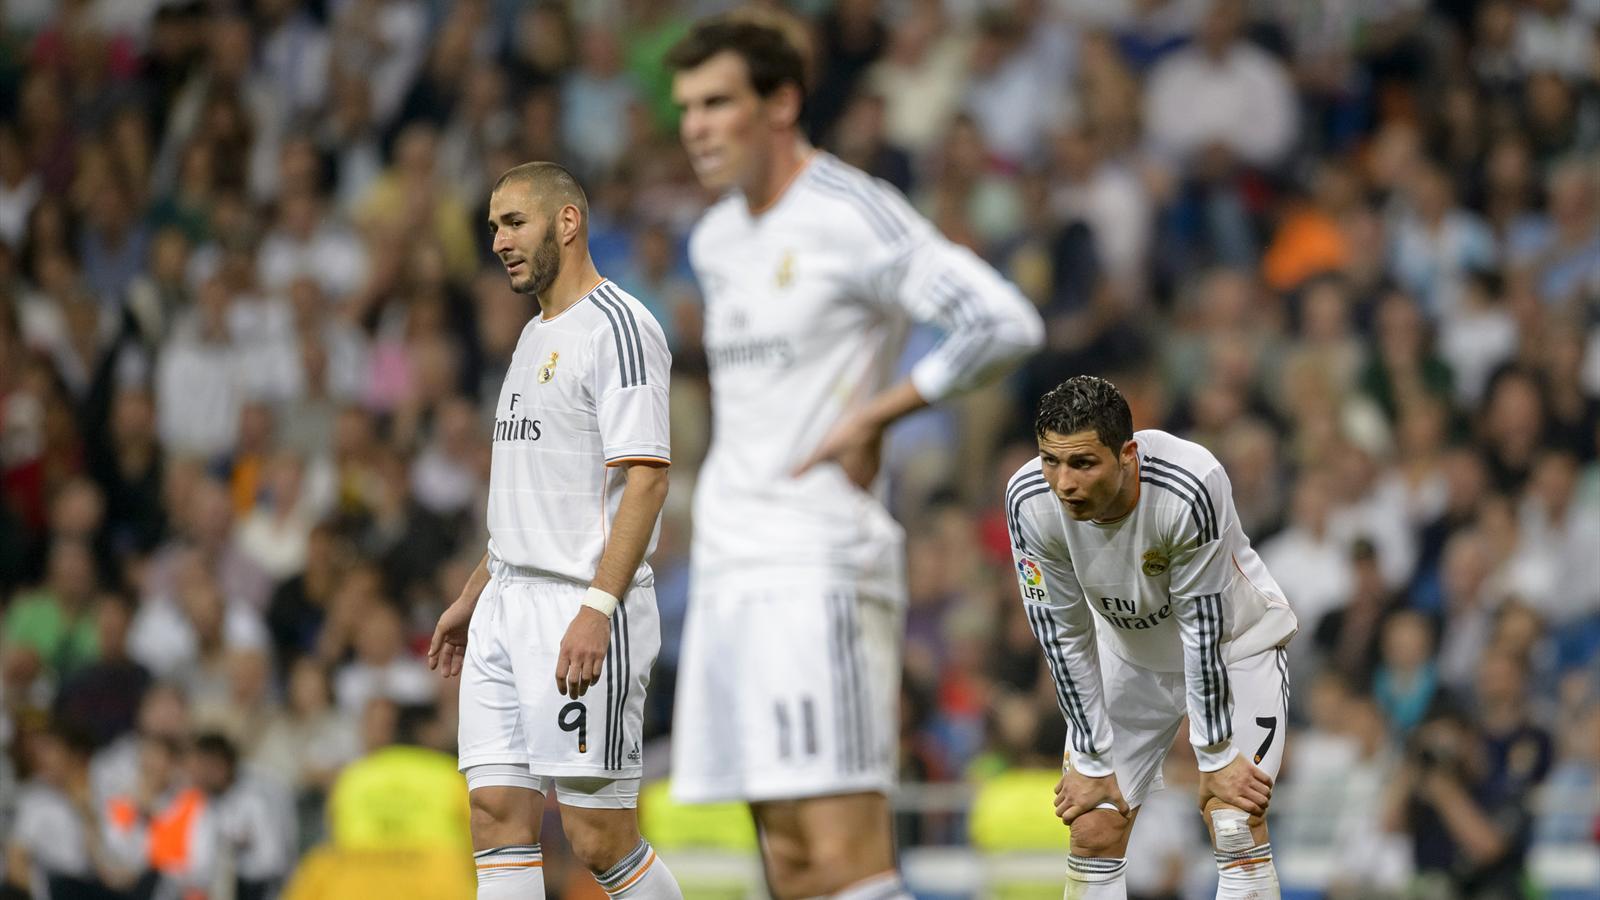 Реал Мадрид, Ла Лига, Карло Анчелотти, Кубок Испании